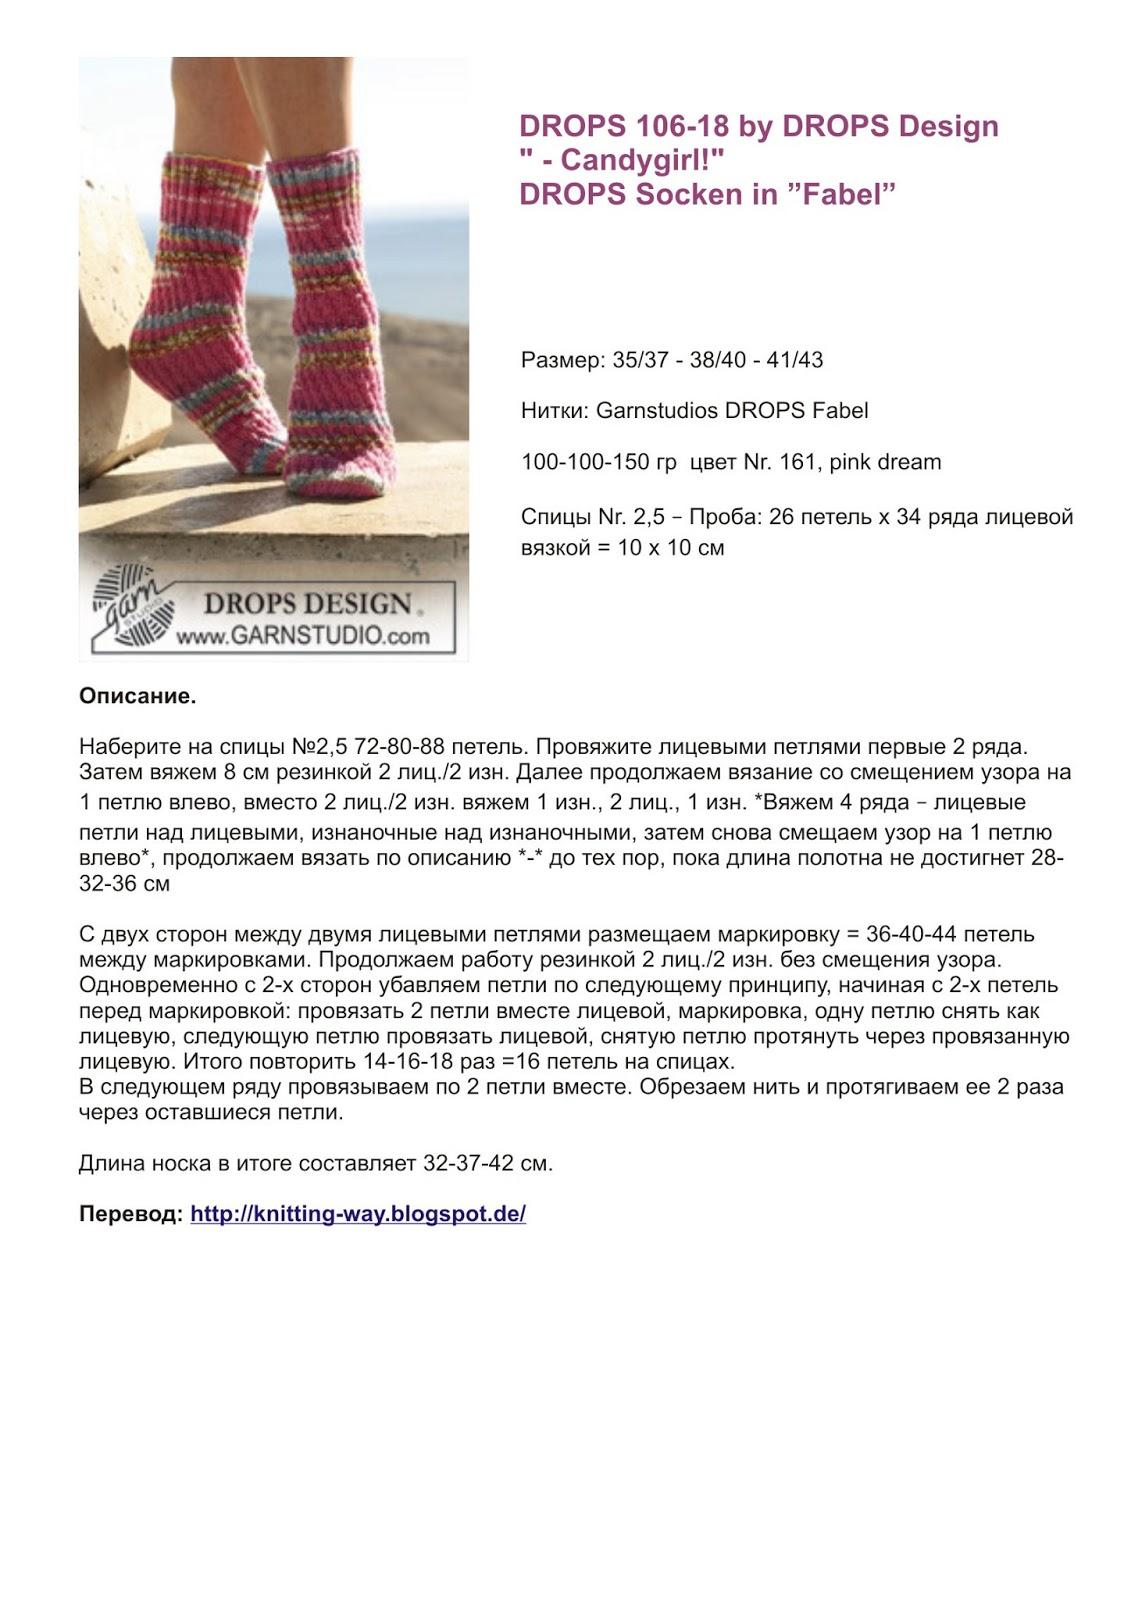 Курс вязания спицами. Общие правила вязания носков 26